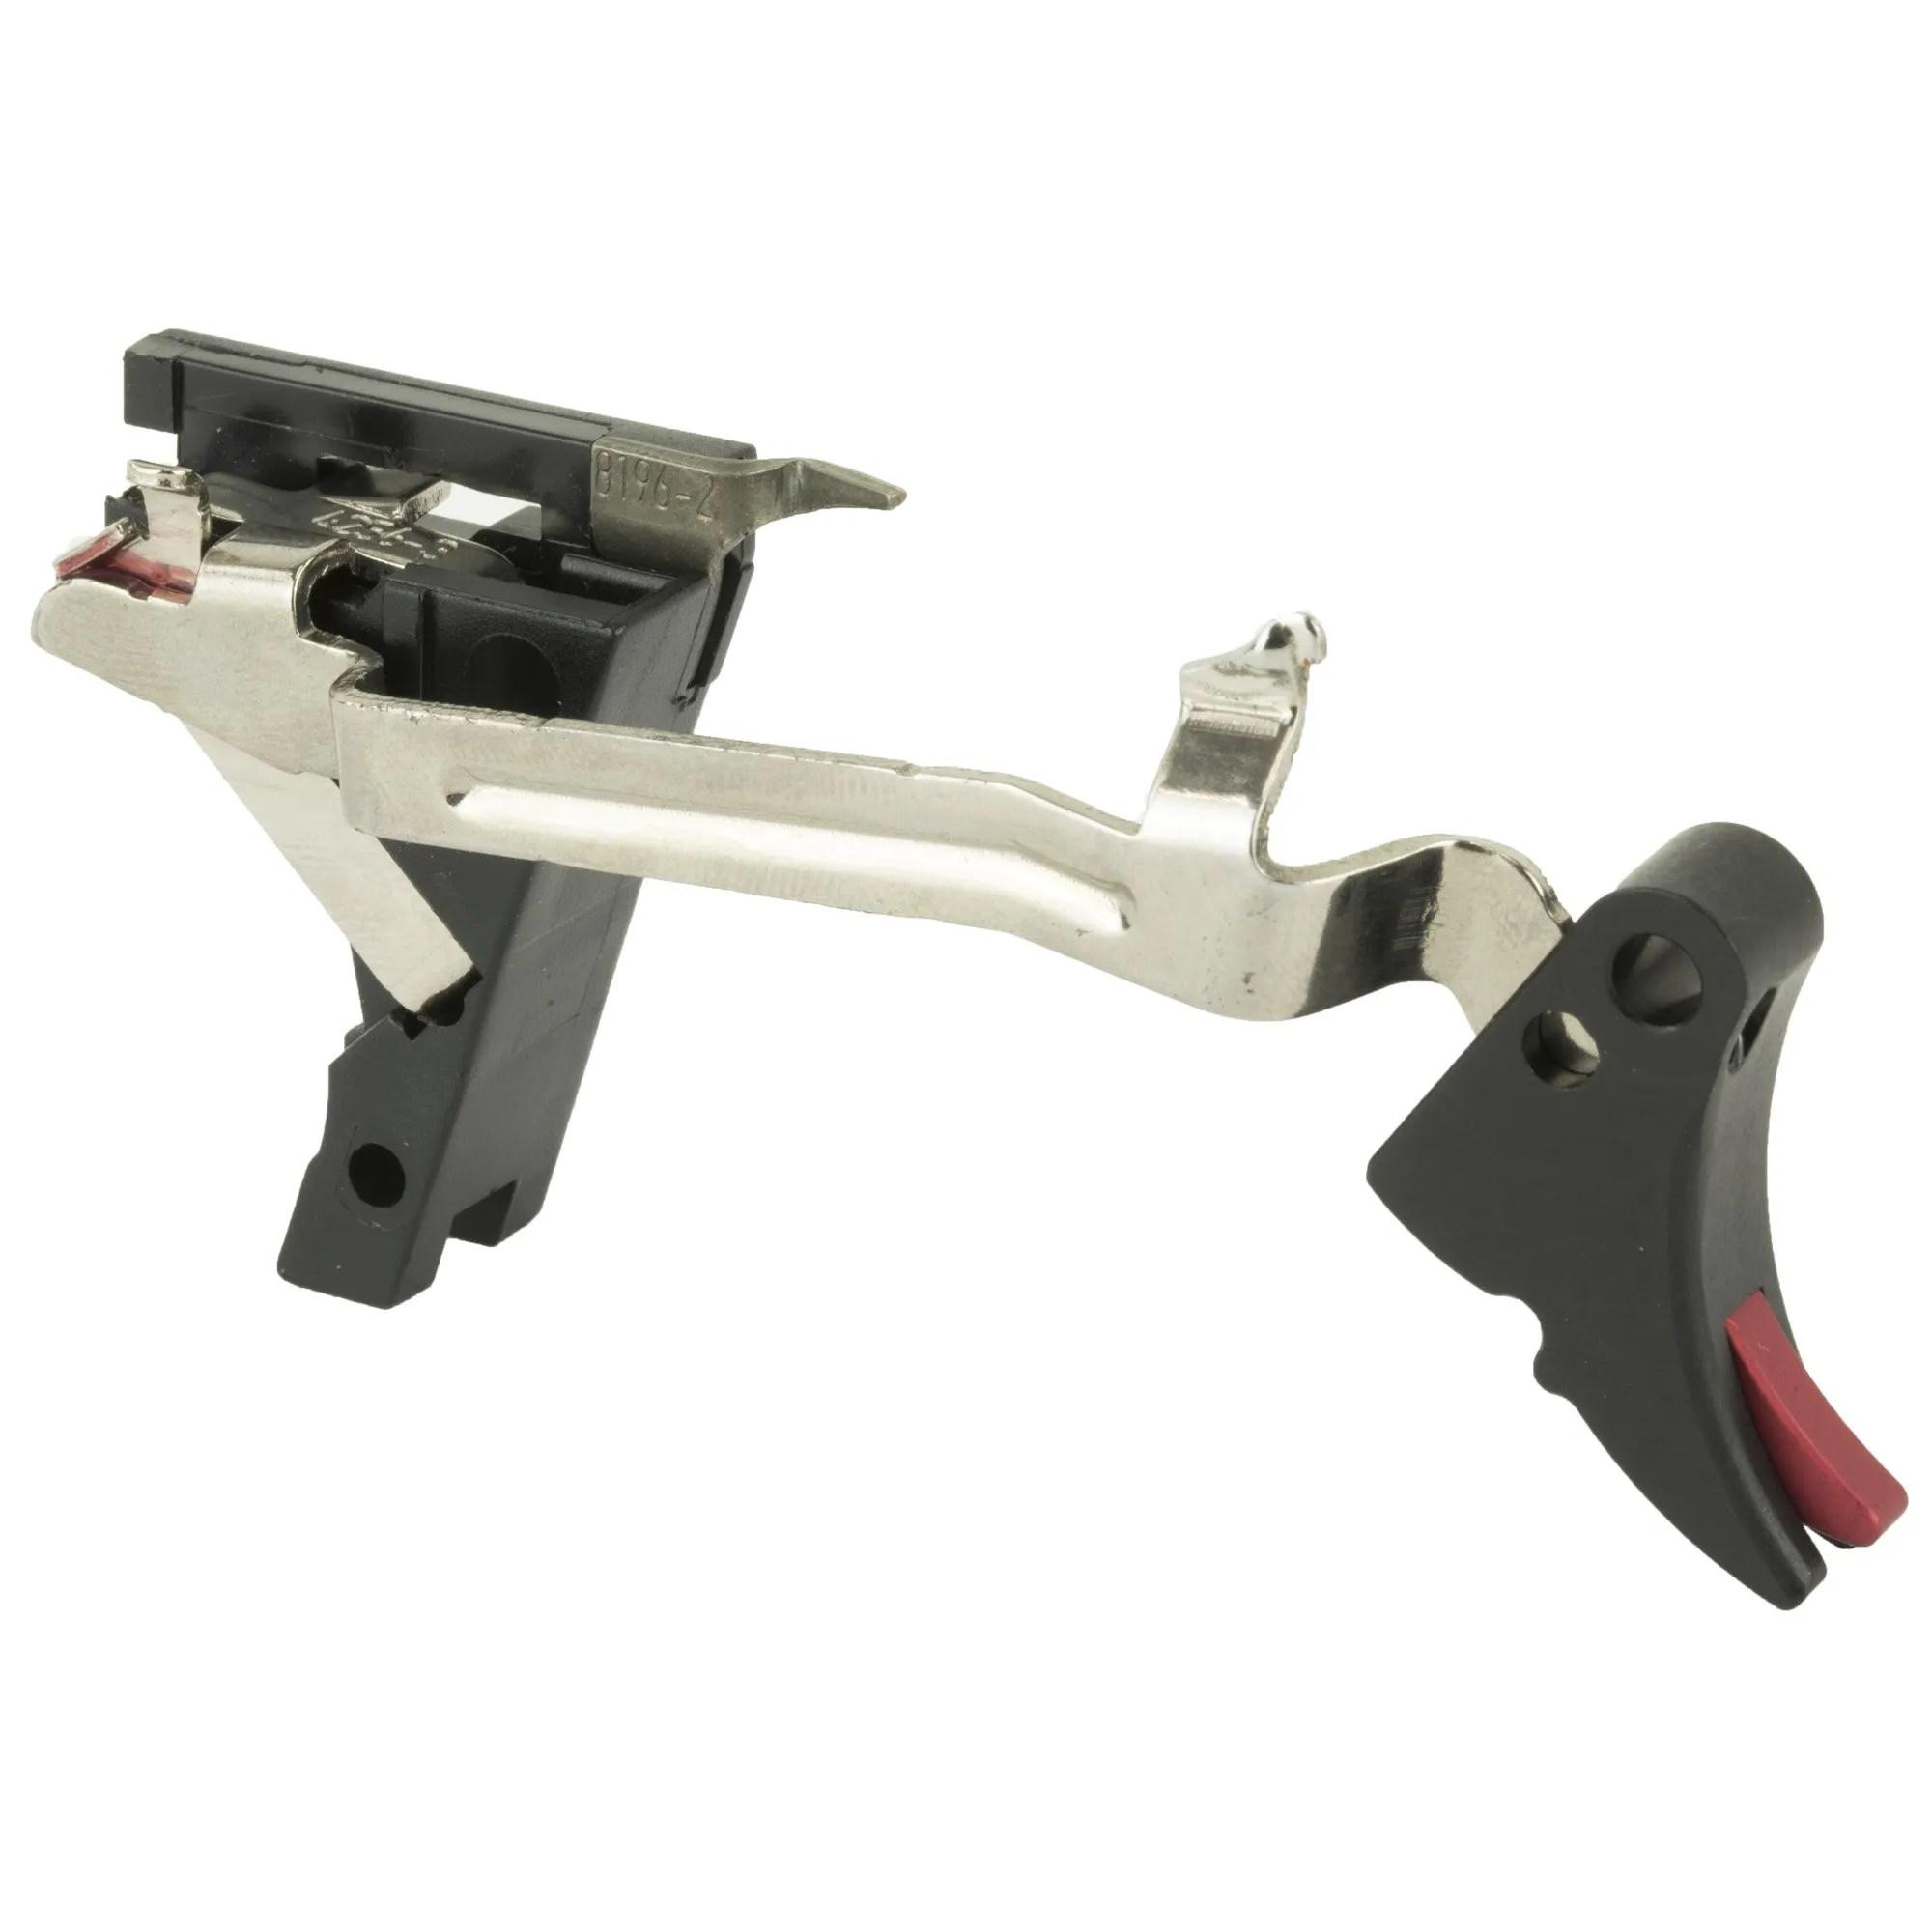 Zev Fulcrum Adjustable Drop-In Trigger Kit for Glock 10mm Gen 1-4 - Red  Safety